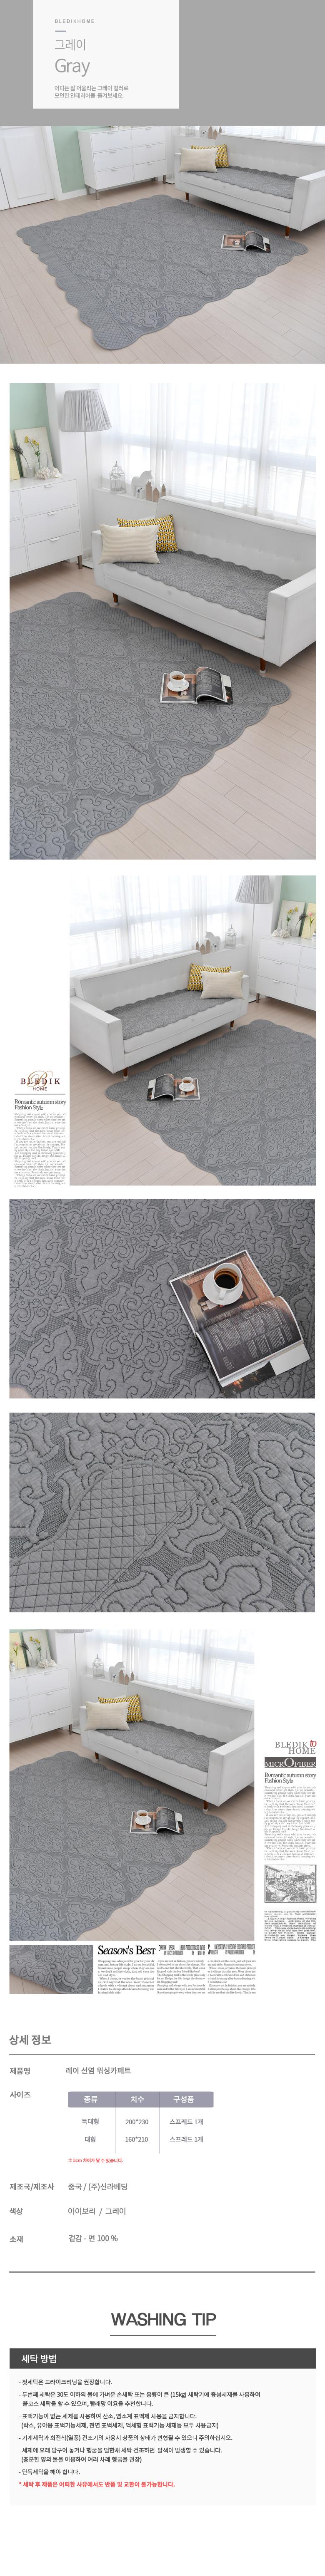 레이 선염 워싱카페트 - 블레딕홈, 179,000원, 디자인러그, 면/워싱 카페트